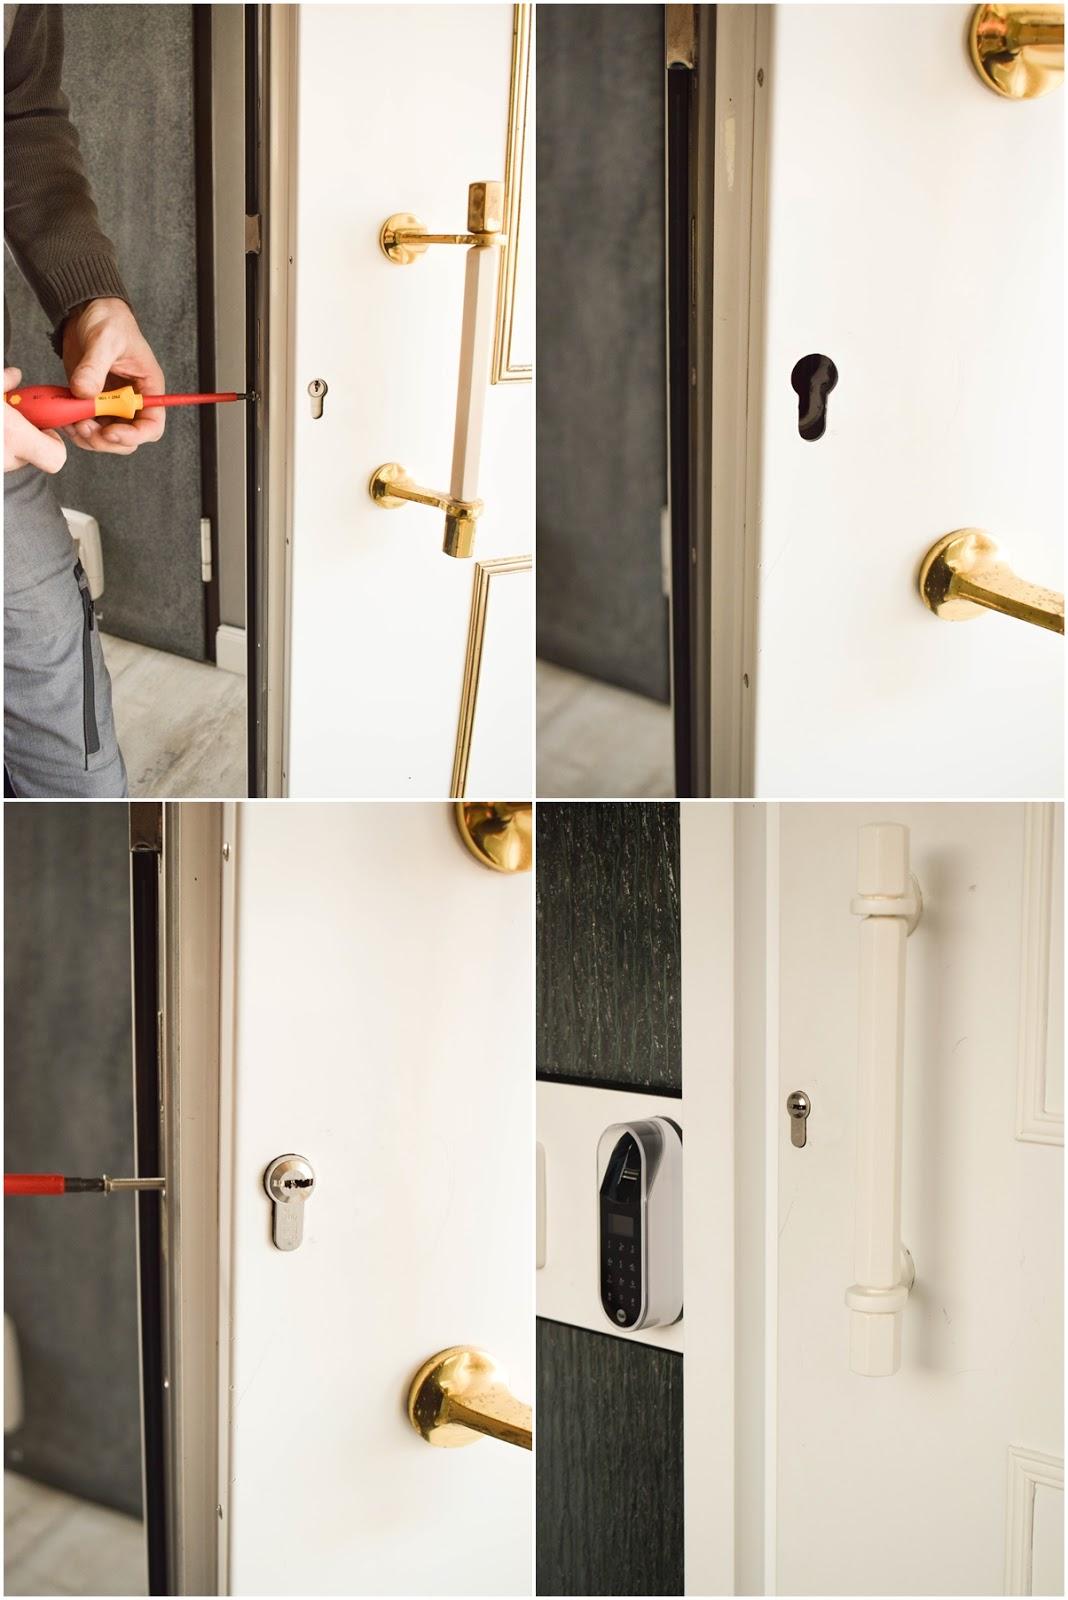 Yale Entr Smartlock: smartes Türschloss für Haustüre. Renovierung Schliesssystem und intelligente Schliessloesung. Smart Home Ideen. Einbau Funktion